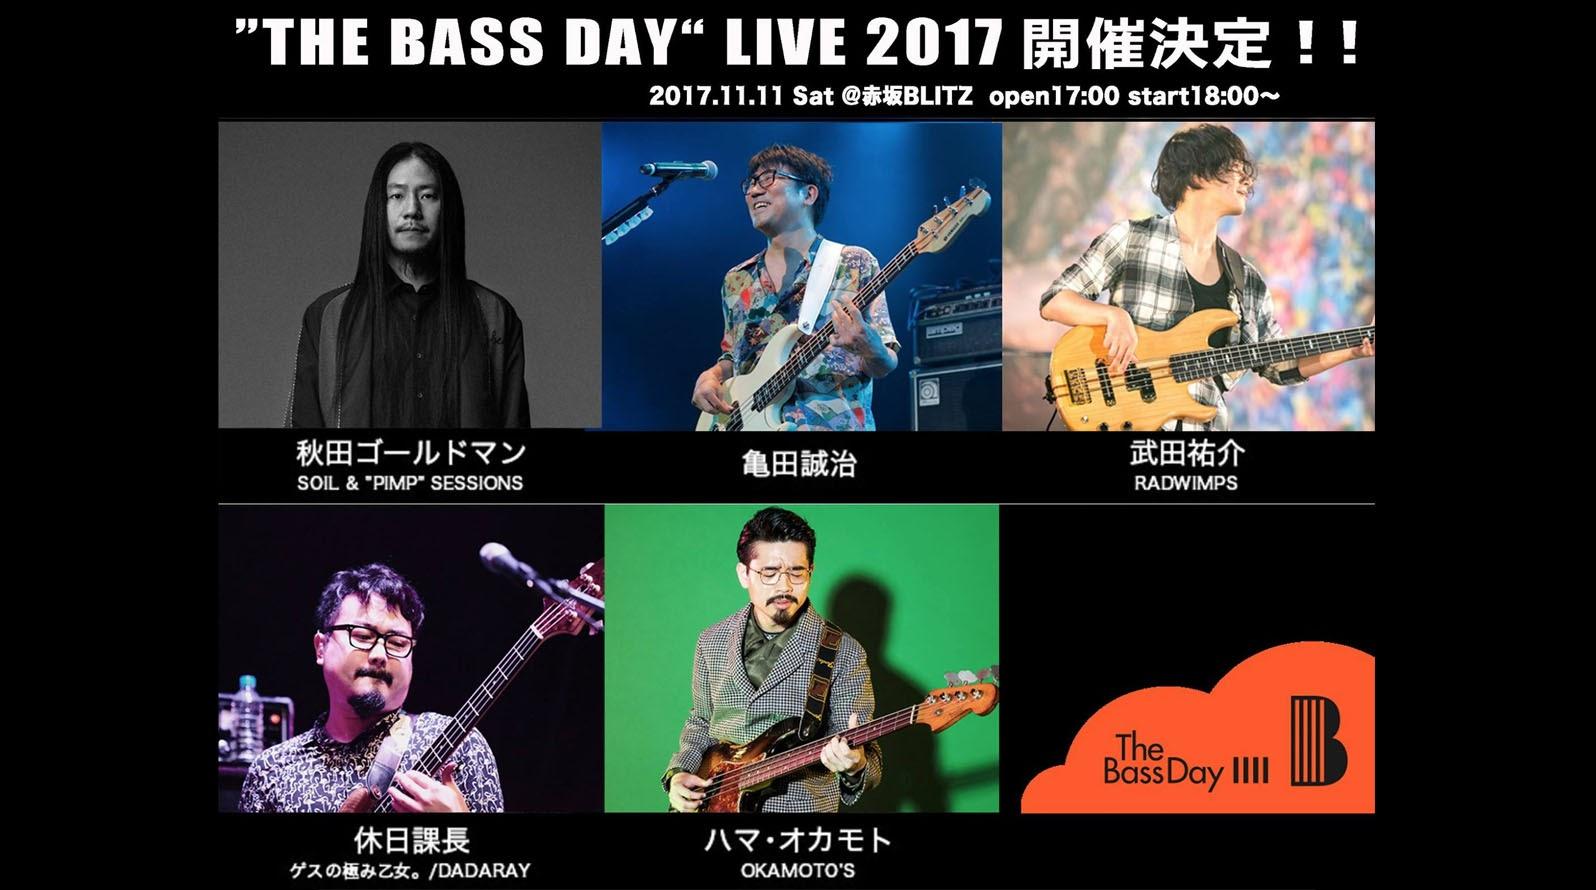 11月11日貝斯之日 日本集結超強陣容舉辦「THE BASS DAY LIVE 2017」!